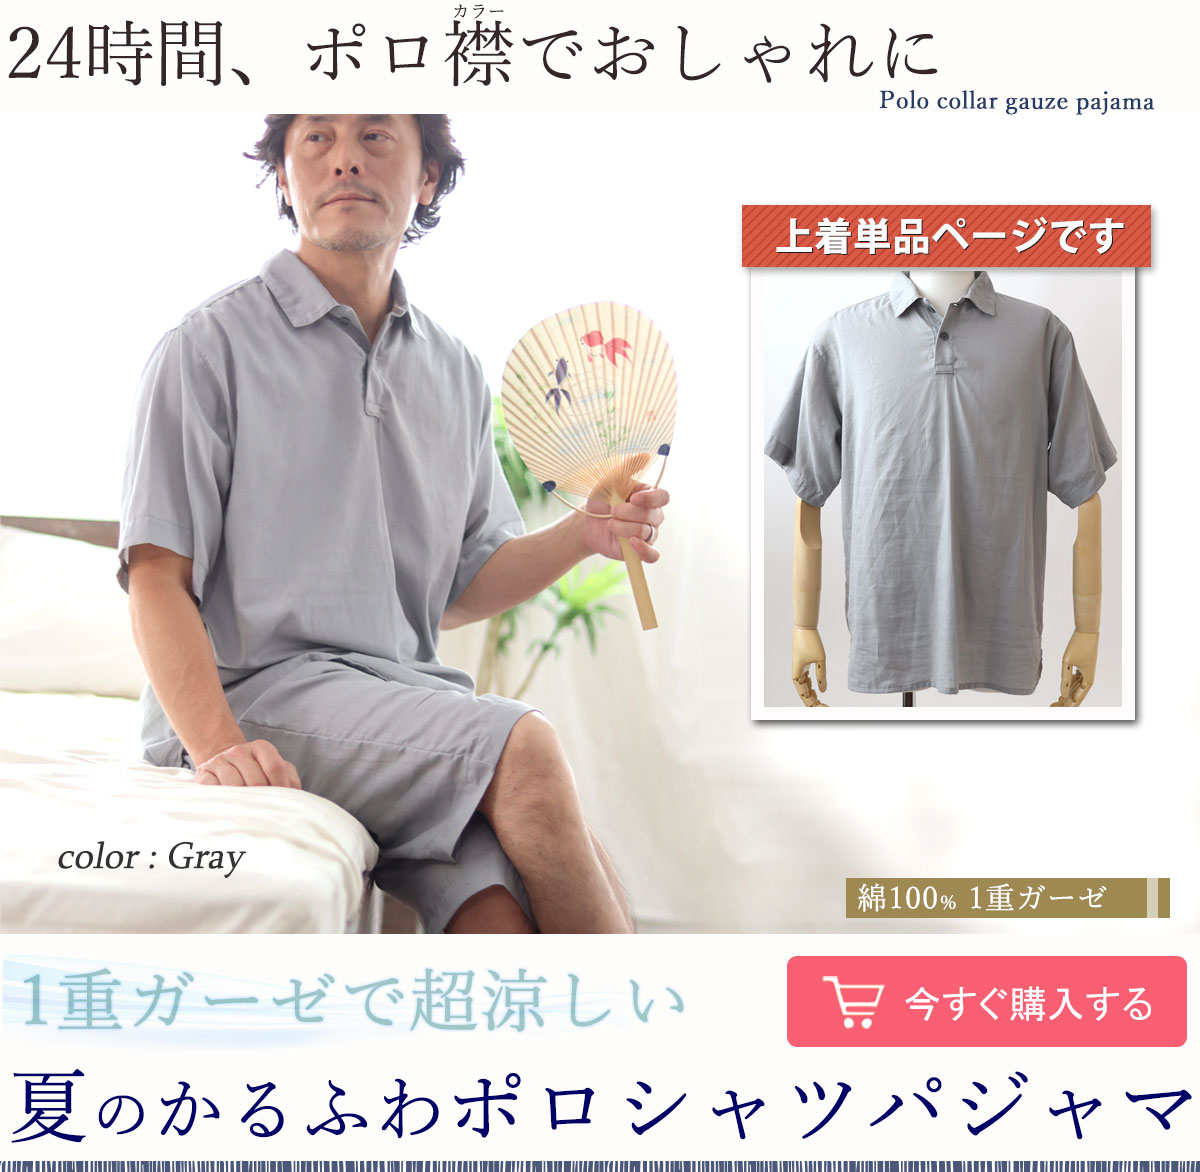 24時間、ポロ襟でおしゃれに1重ガーゼで超涼しい夏のかるふわポロシャツパジャマ上着単品